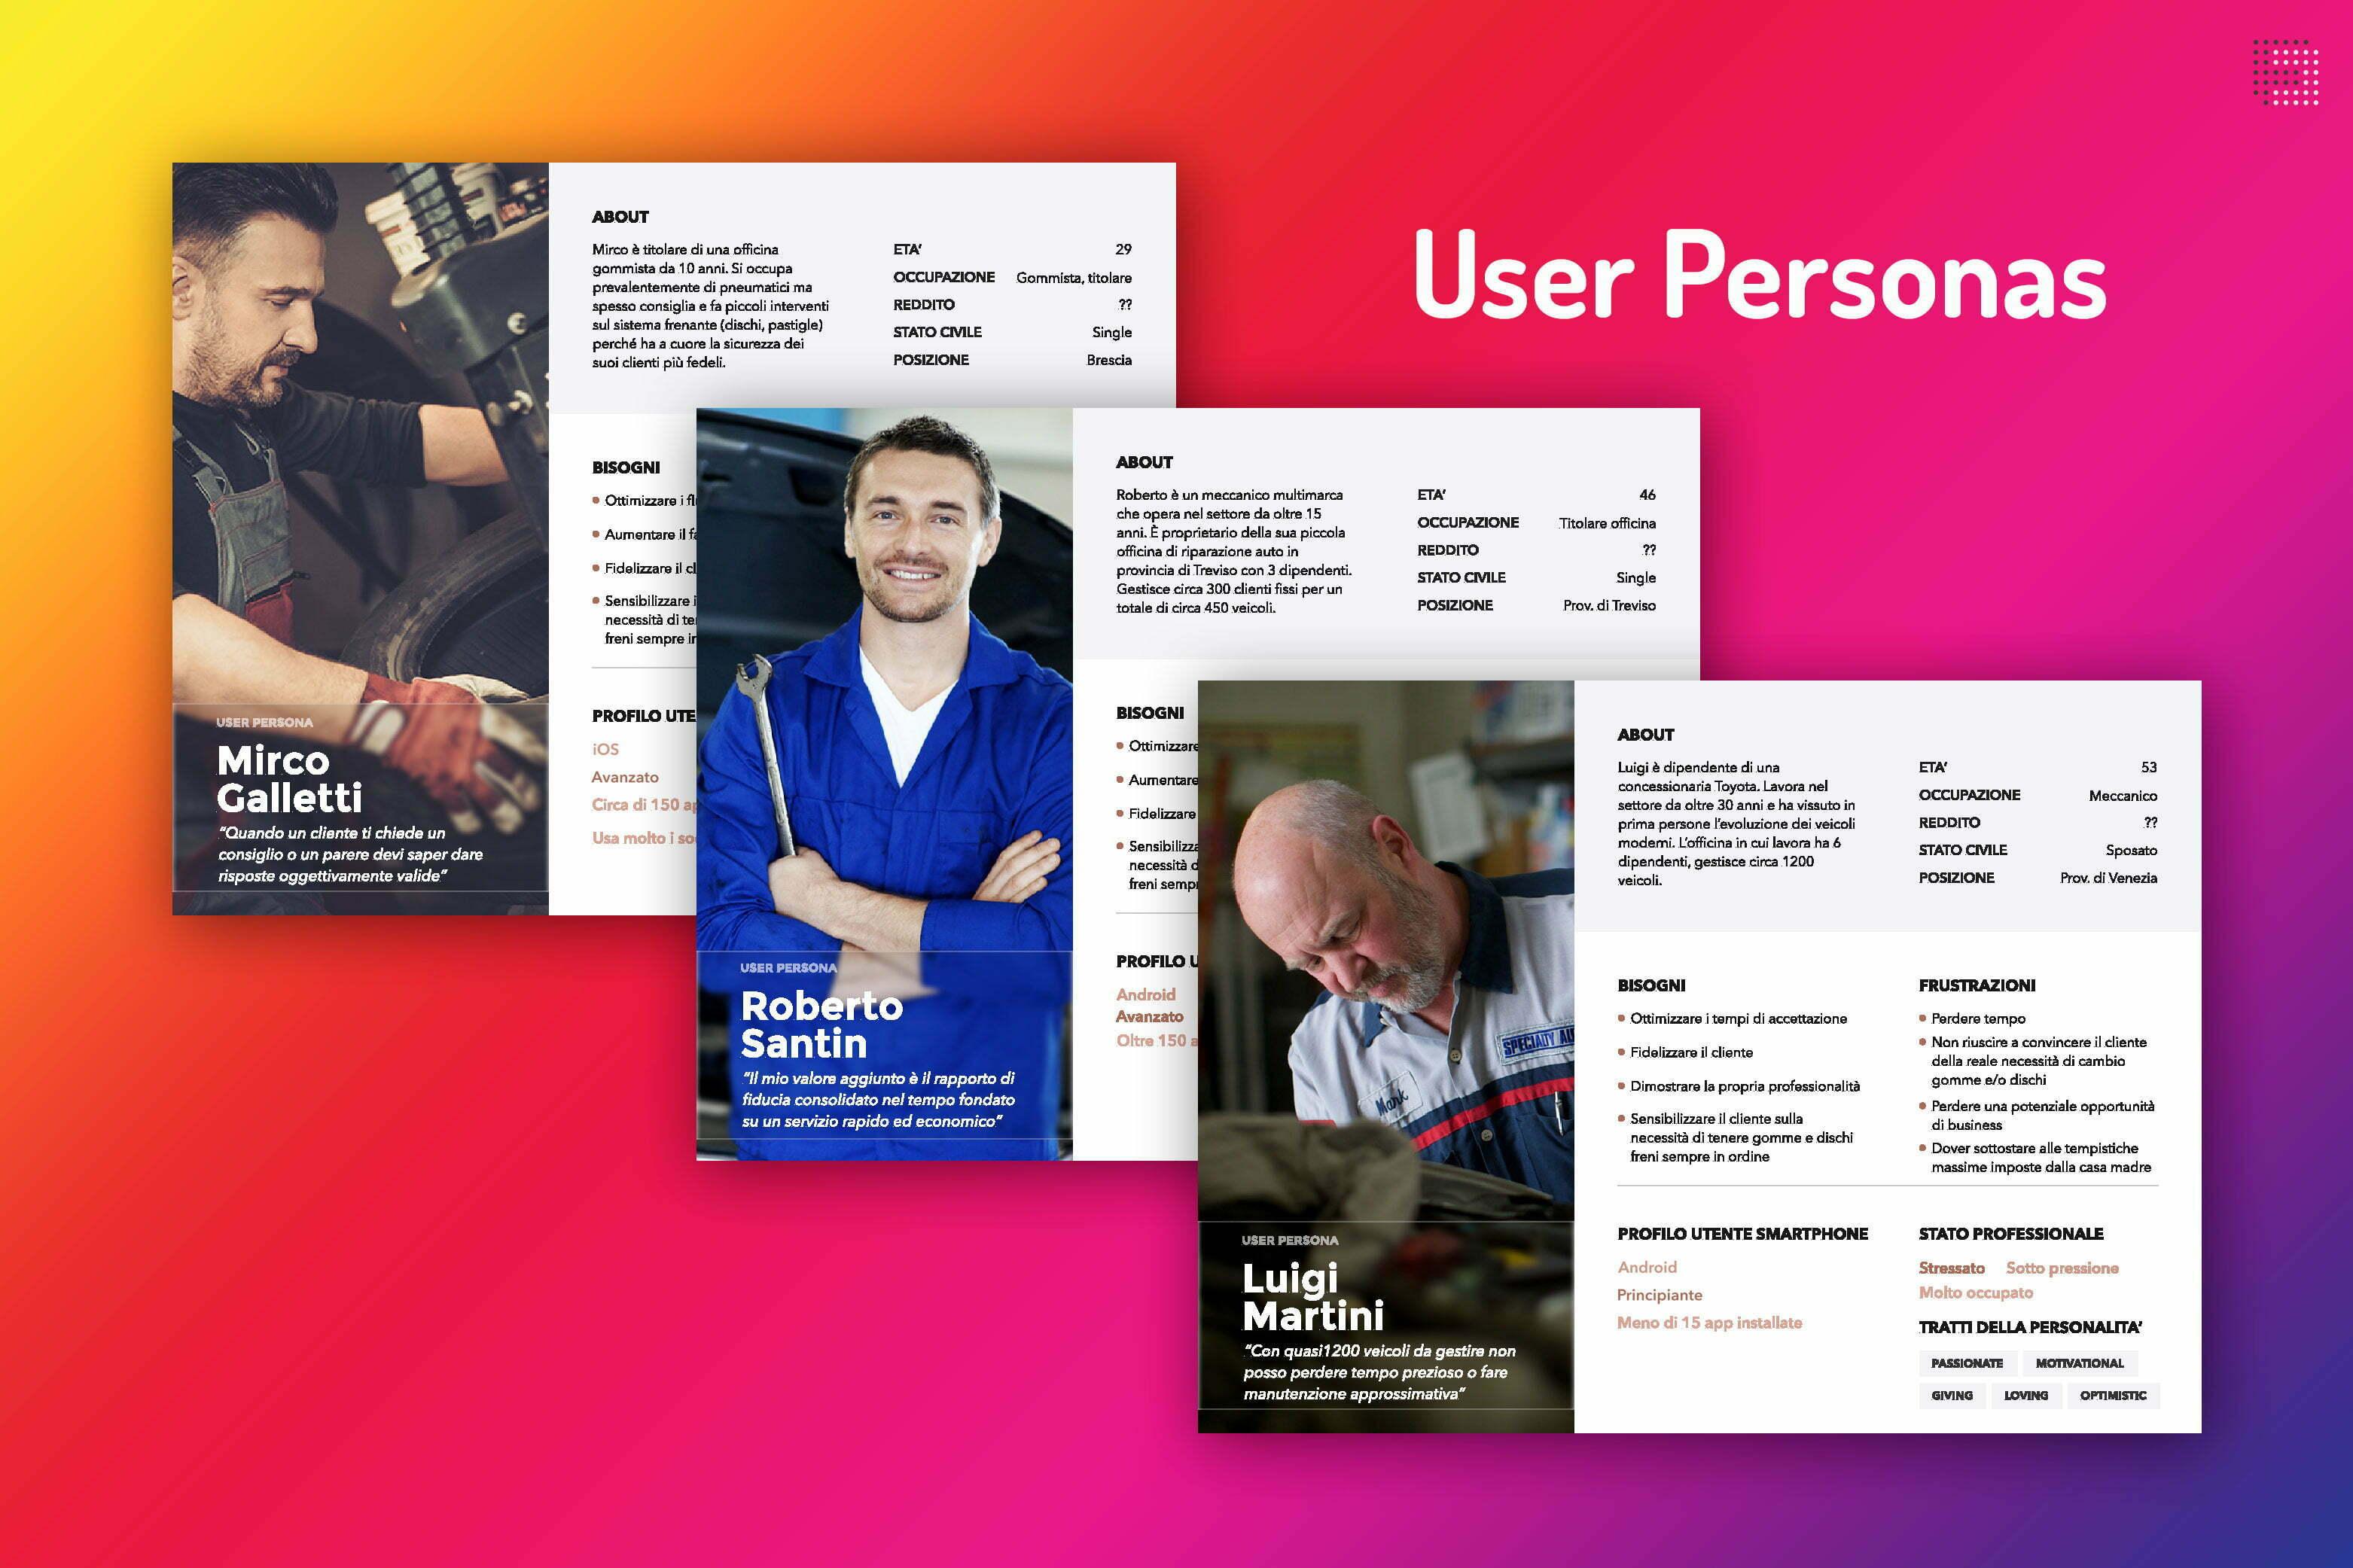 userspersonas